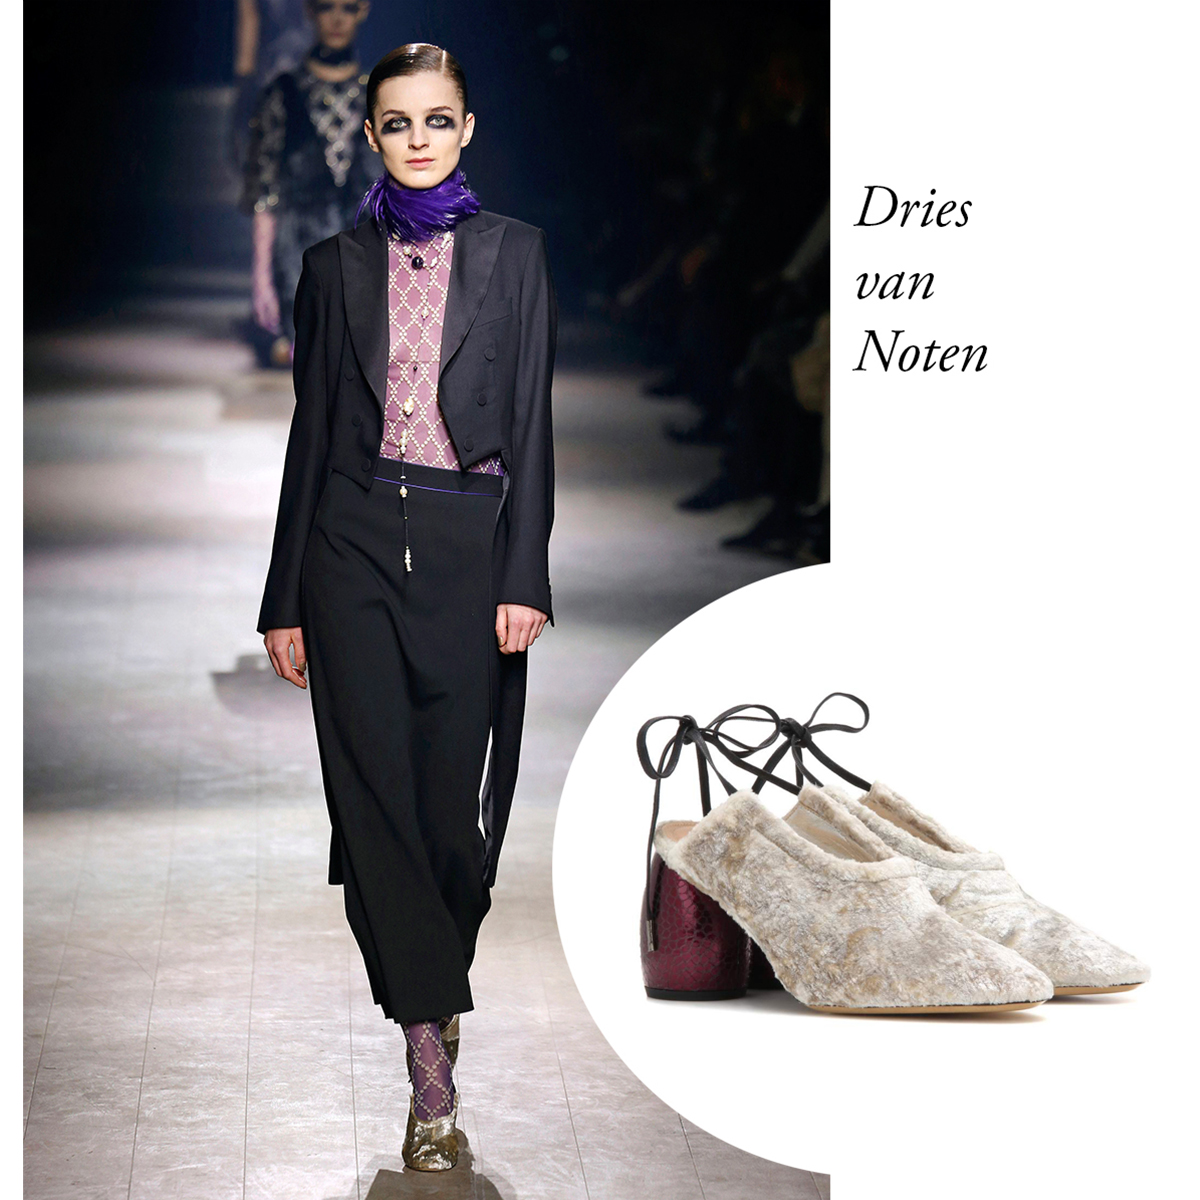 pantofii-din-catifea-printre-tendintele-hot-ale-toamnei-12